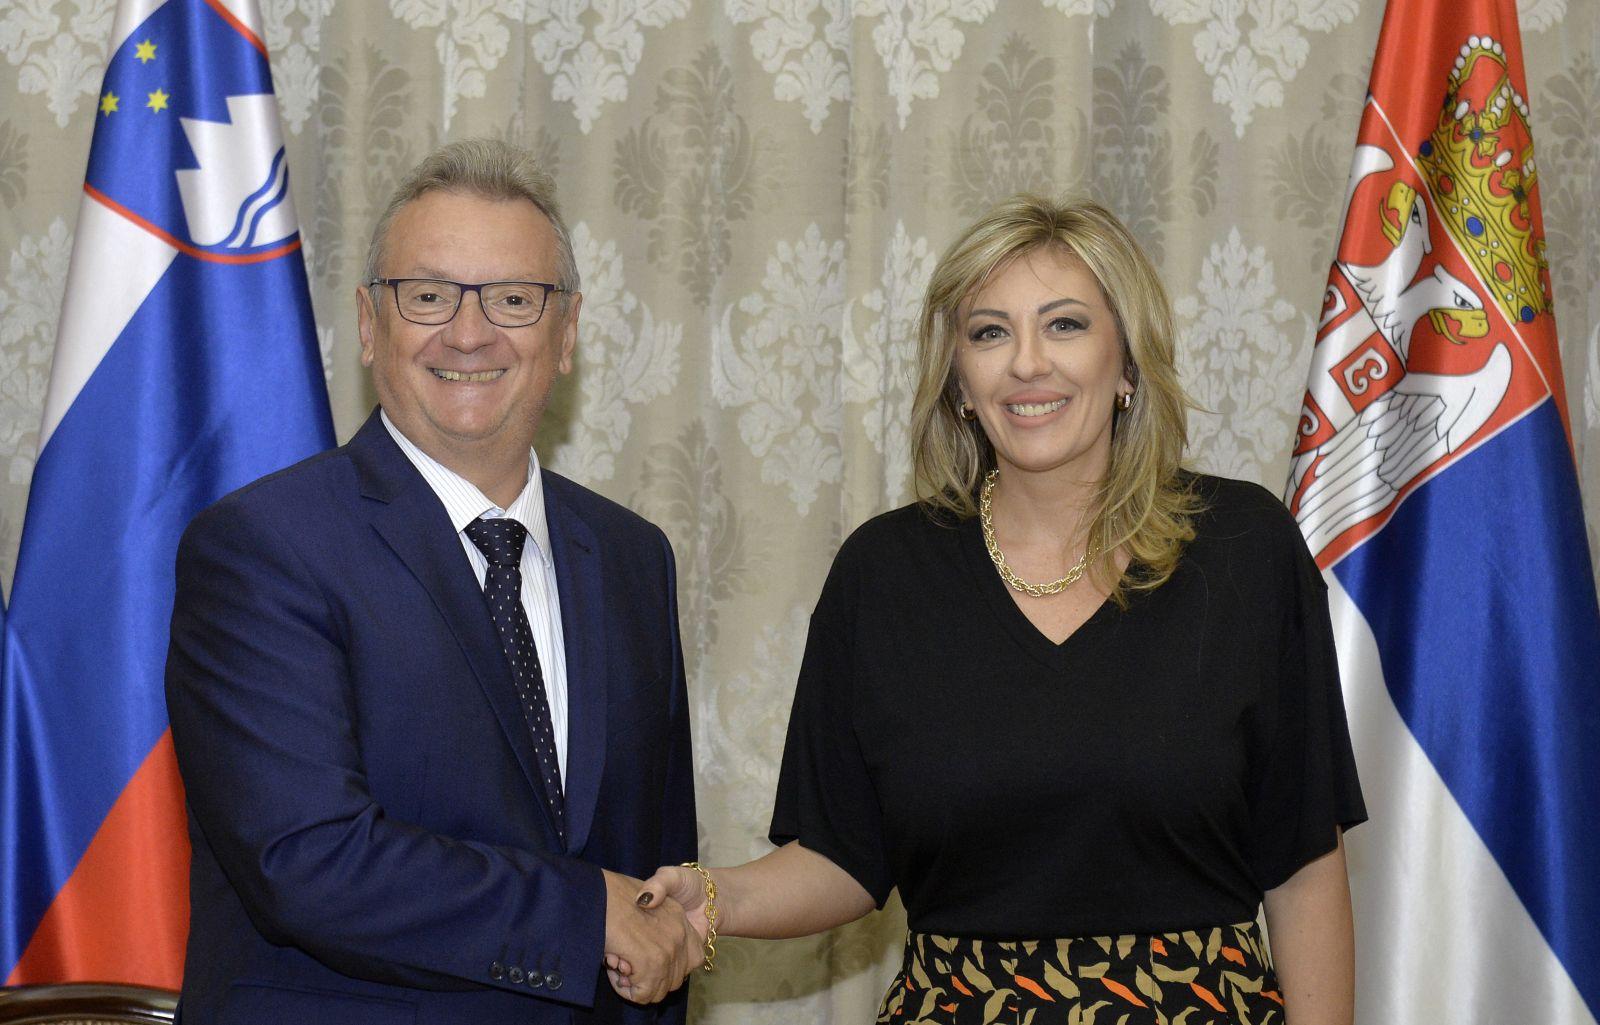 Ј. Јоксимовић и Јарц: Конкретна подршка Словеније европским интеграцијама Србије